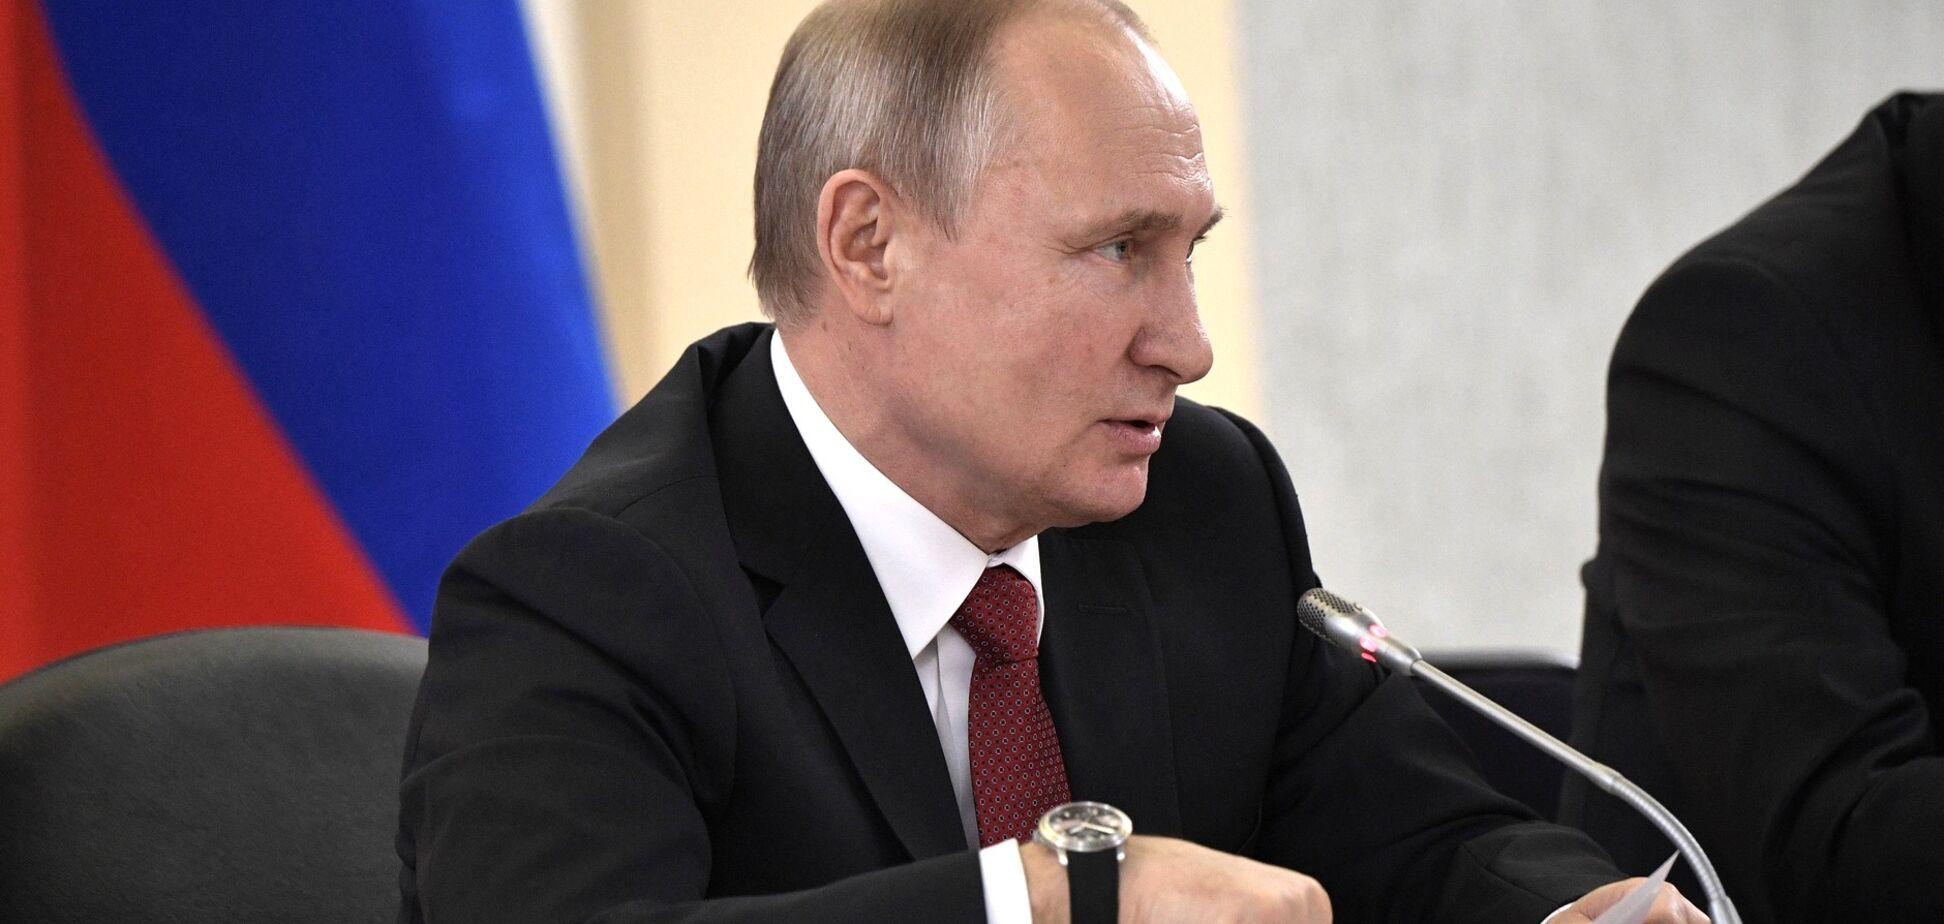 'Кастраты пошли на изнасилование': Невзоров высмеял соперников Путина на выборах